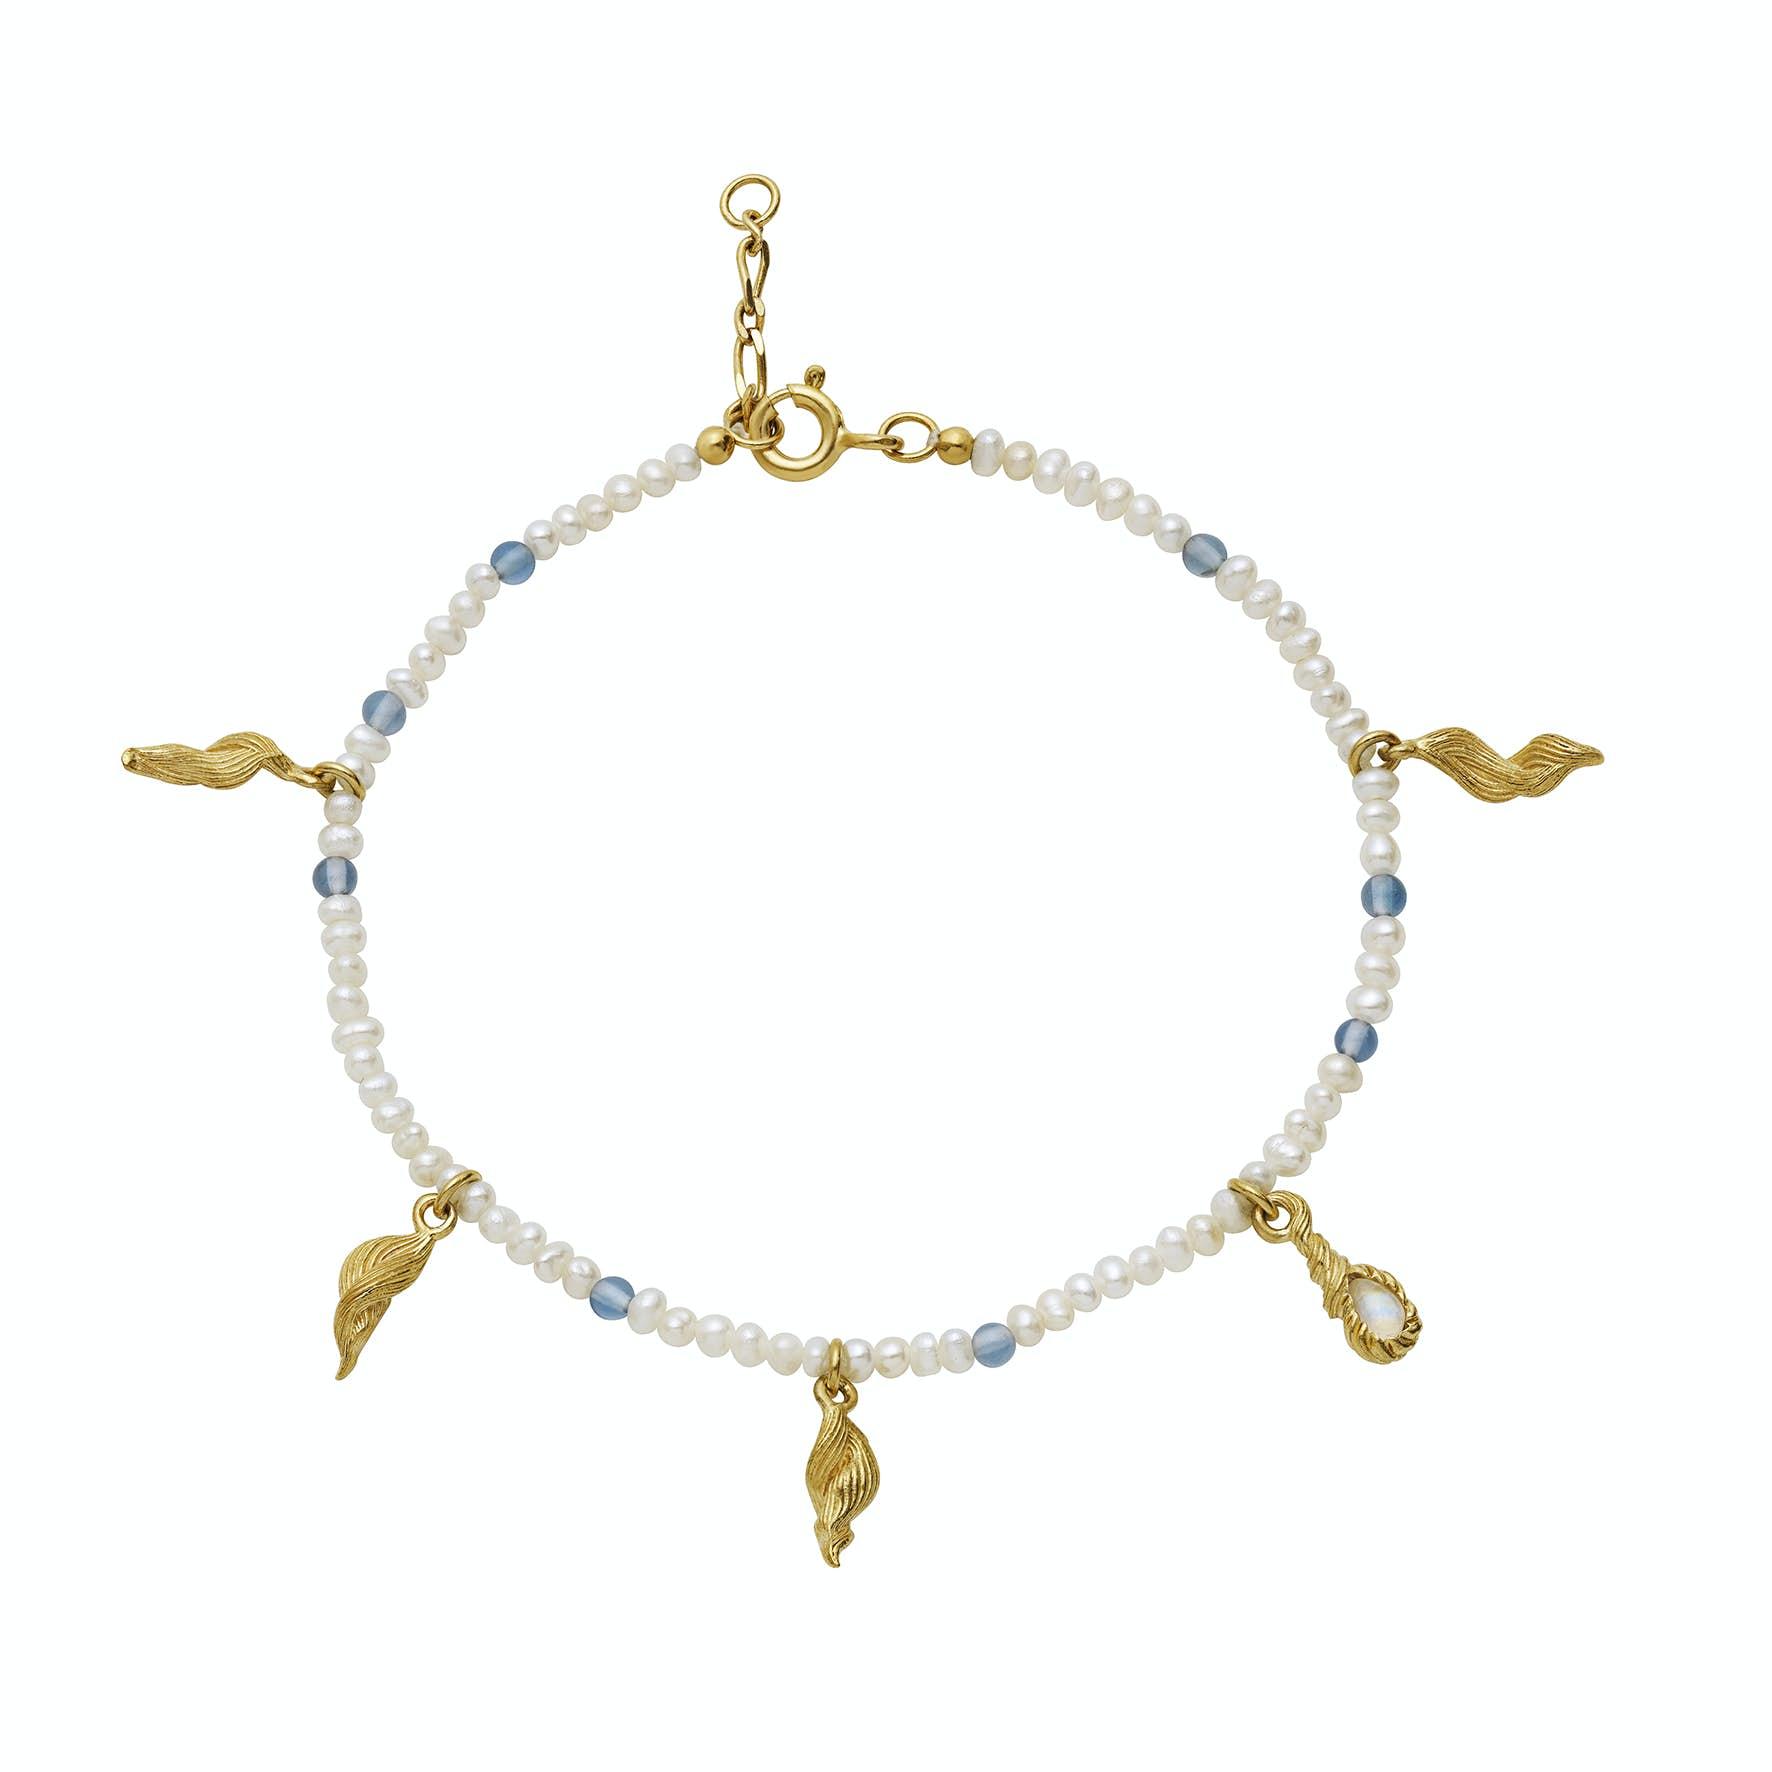 Aqua Bracelet from Maanesten in Goldplated-Silver Sterling 925